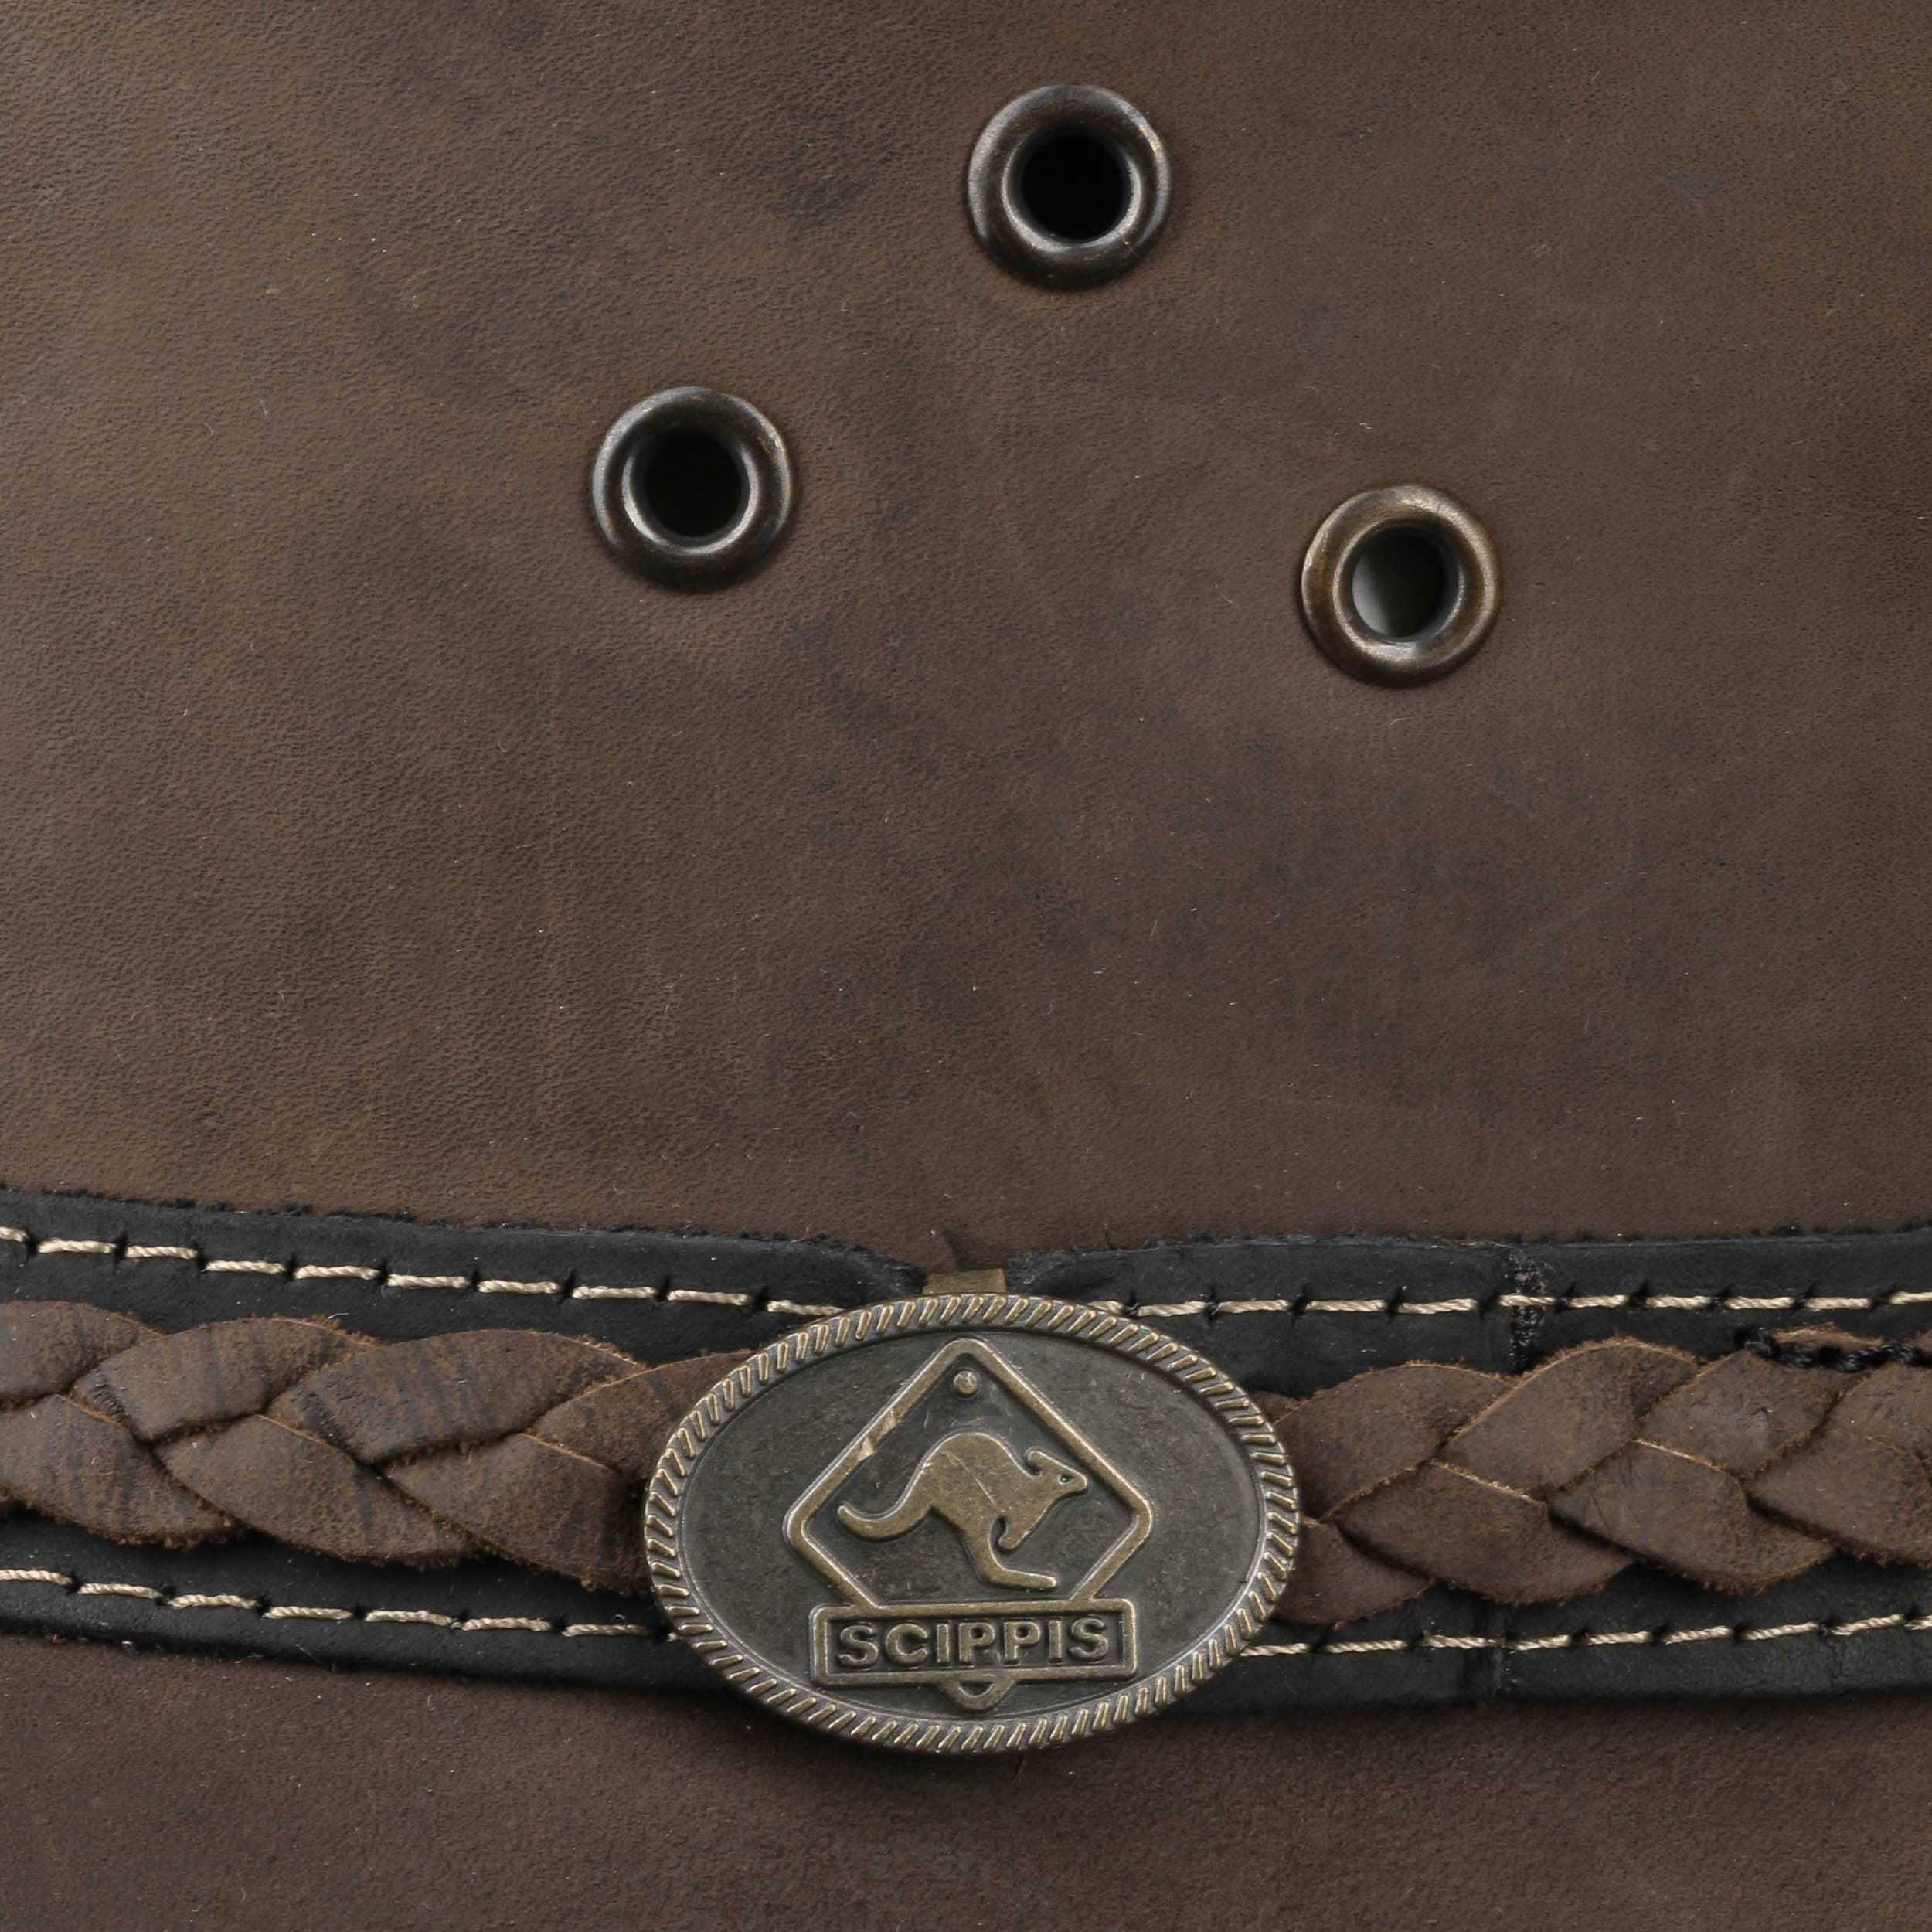 ... Sombrero de Piel Albury Stonewashed by Scippis - marrón 3 ... 69f679344f4